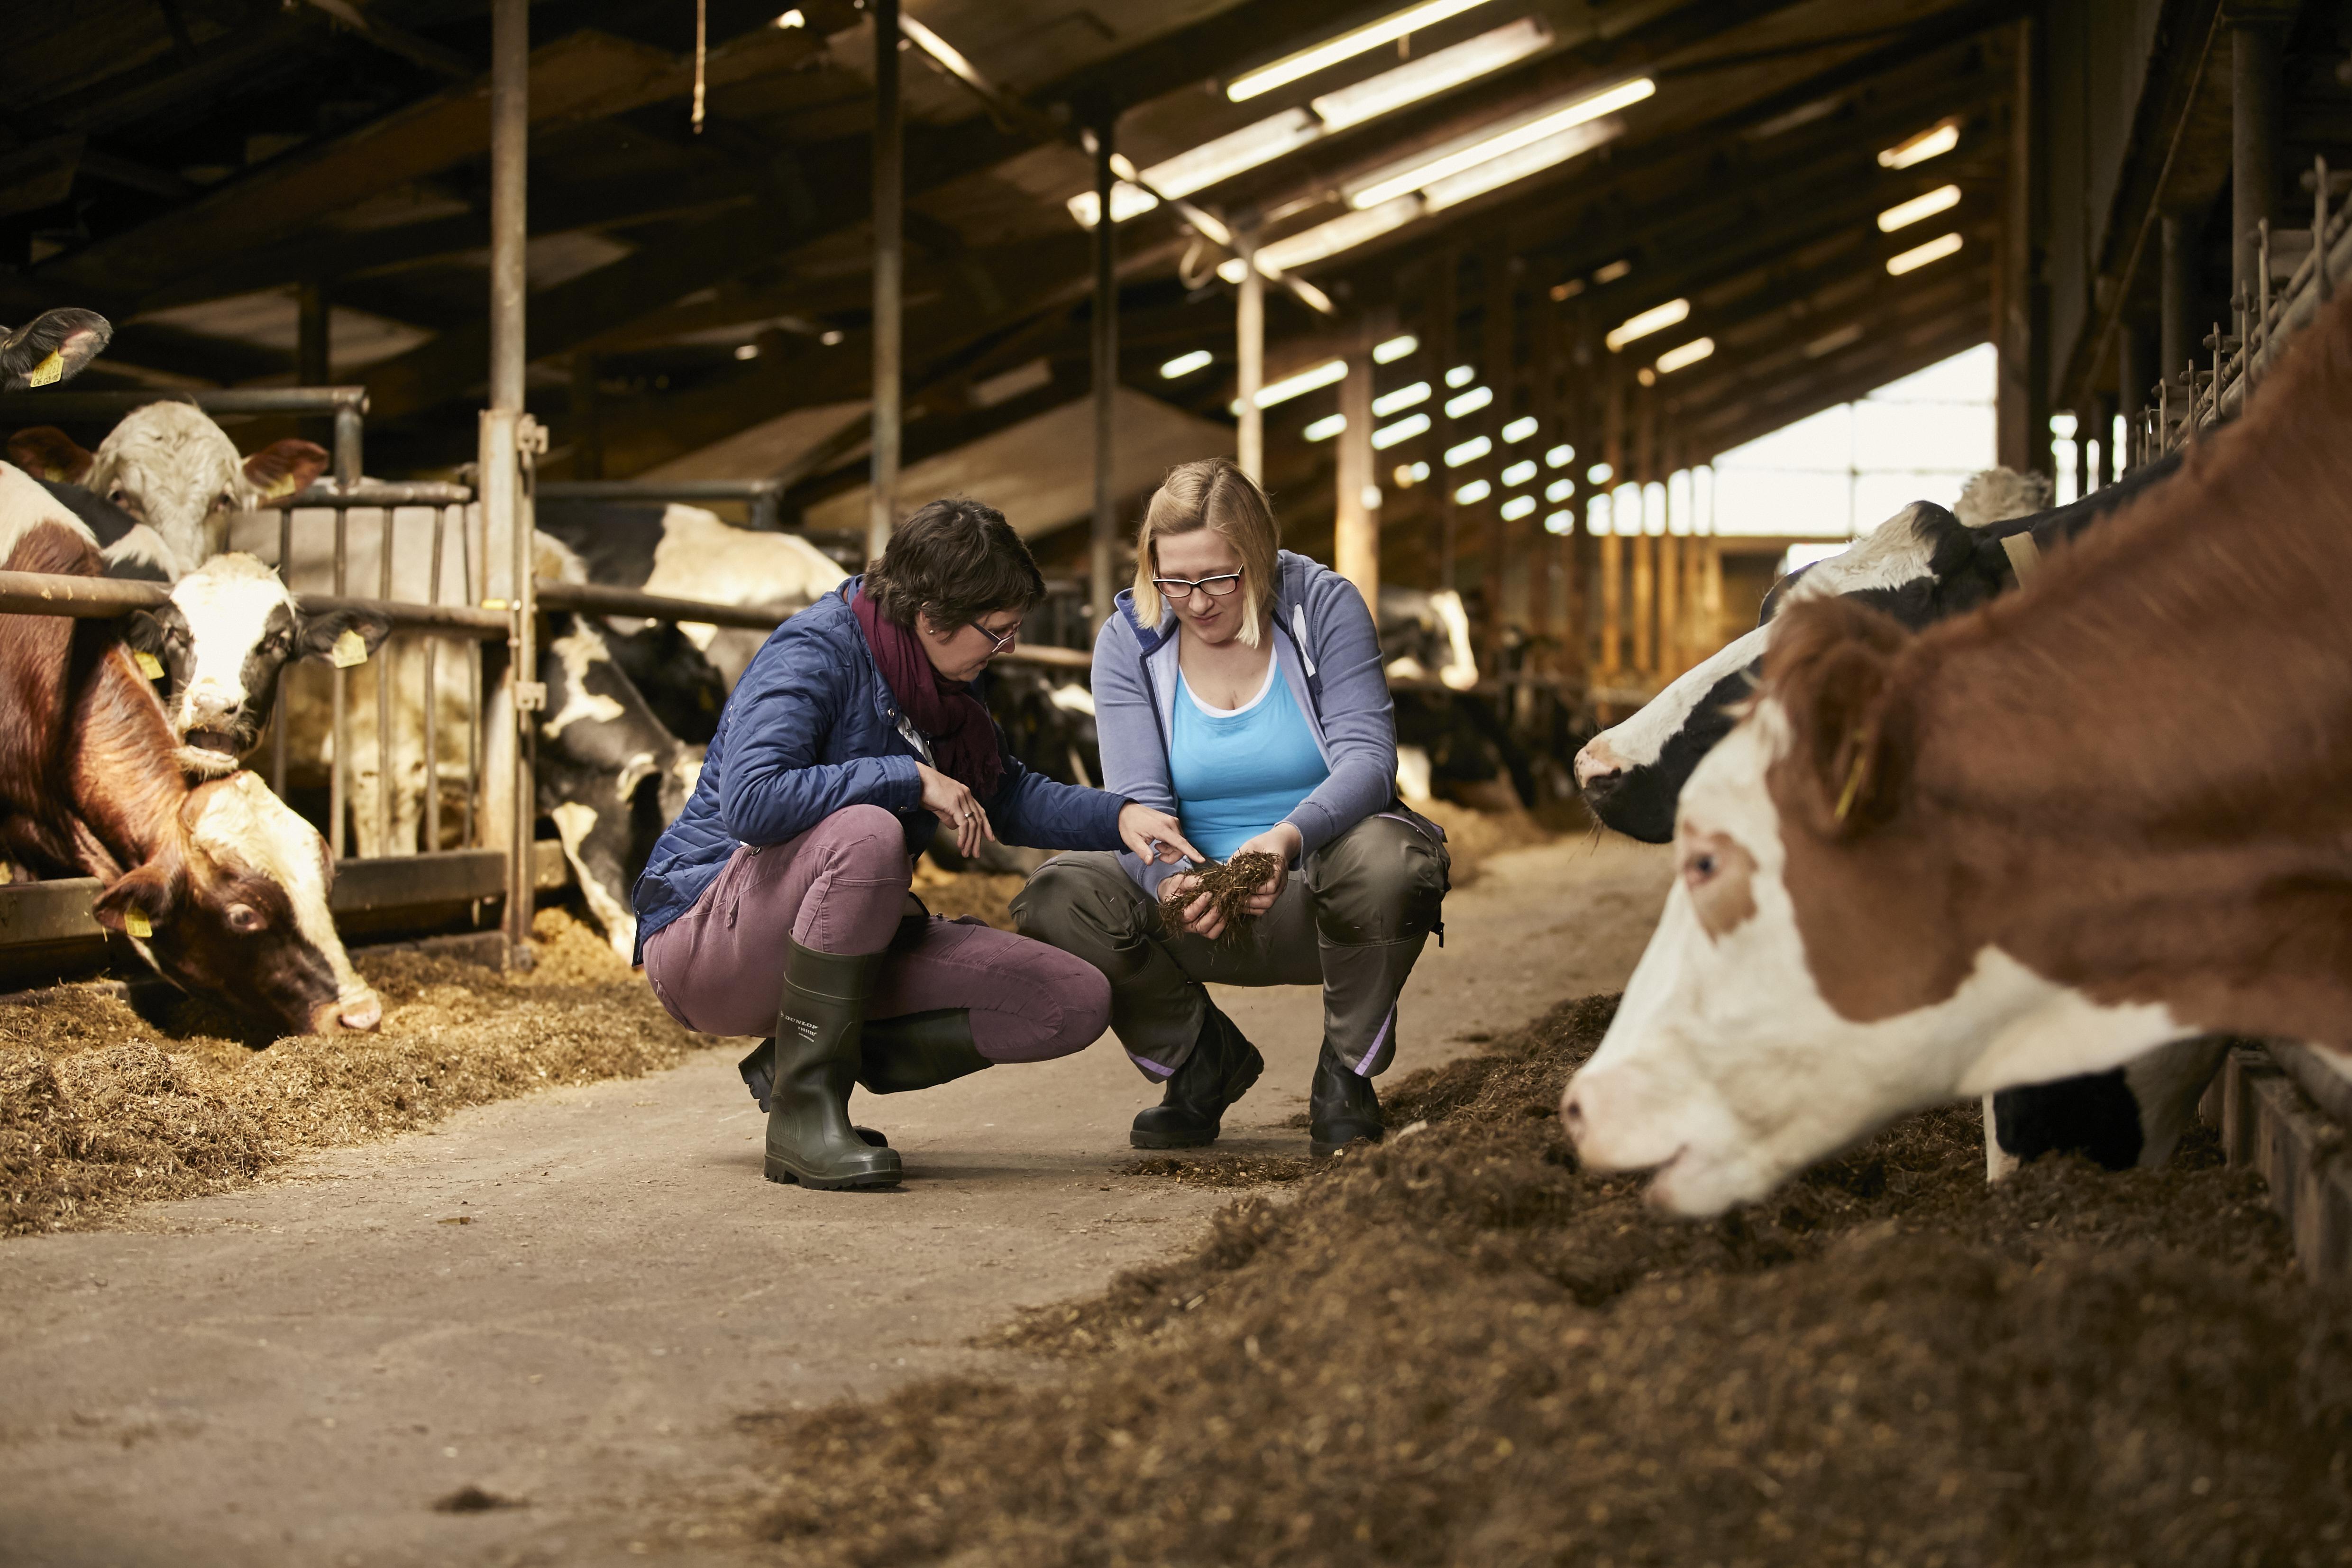 Ein Meilenstein auf dem Weg zur Klimaneutralität: Arla Foods startet europaweites Klimacheck-Programm für seine Milchbetriebe